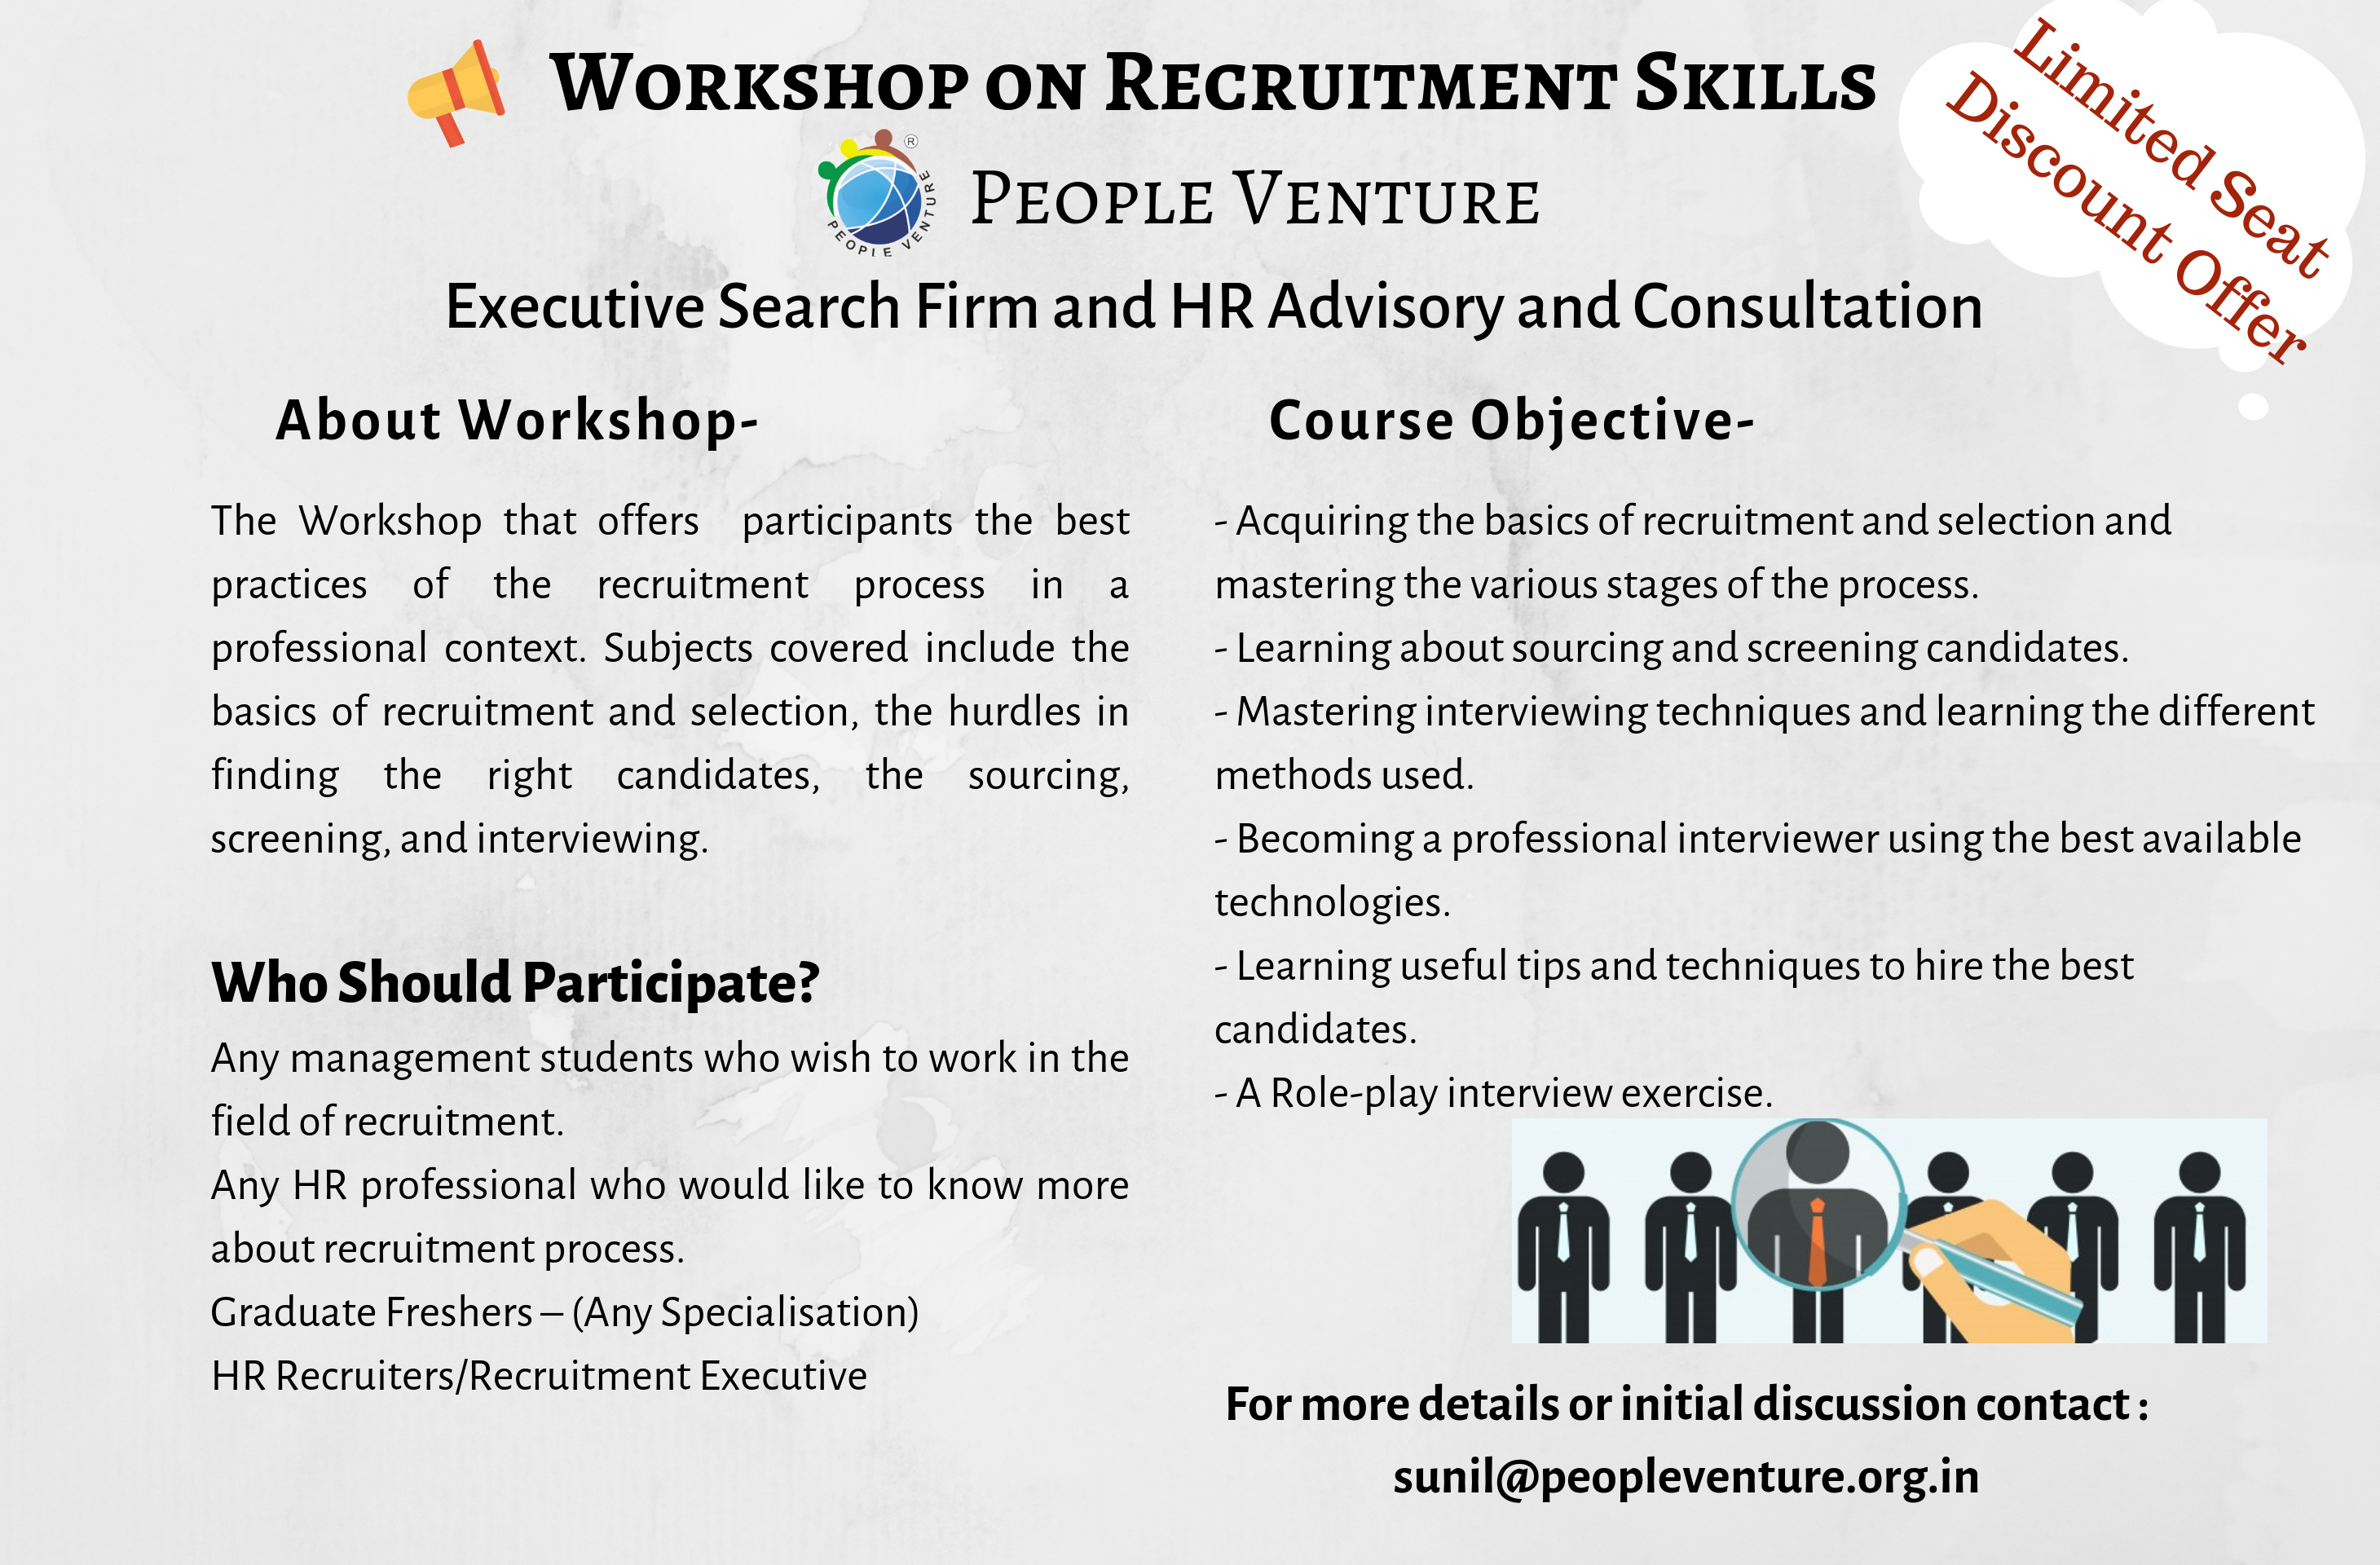 Recruitment skills